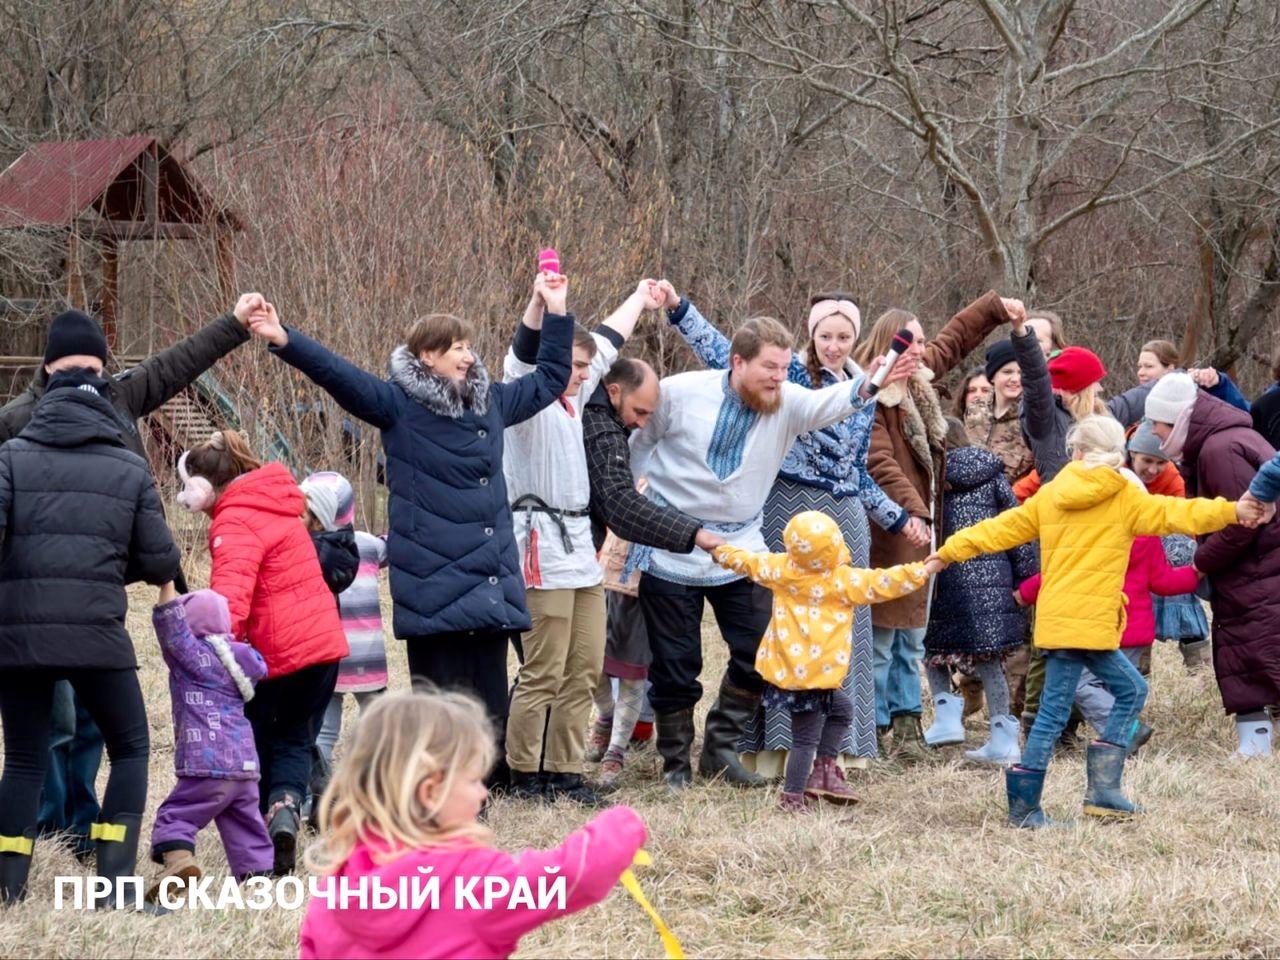 Встреча весны в поселении Сказочный край (5).jpg